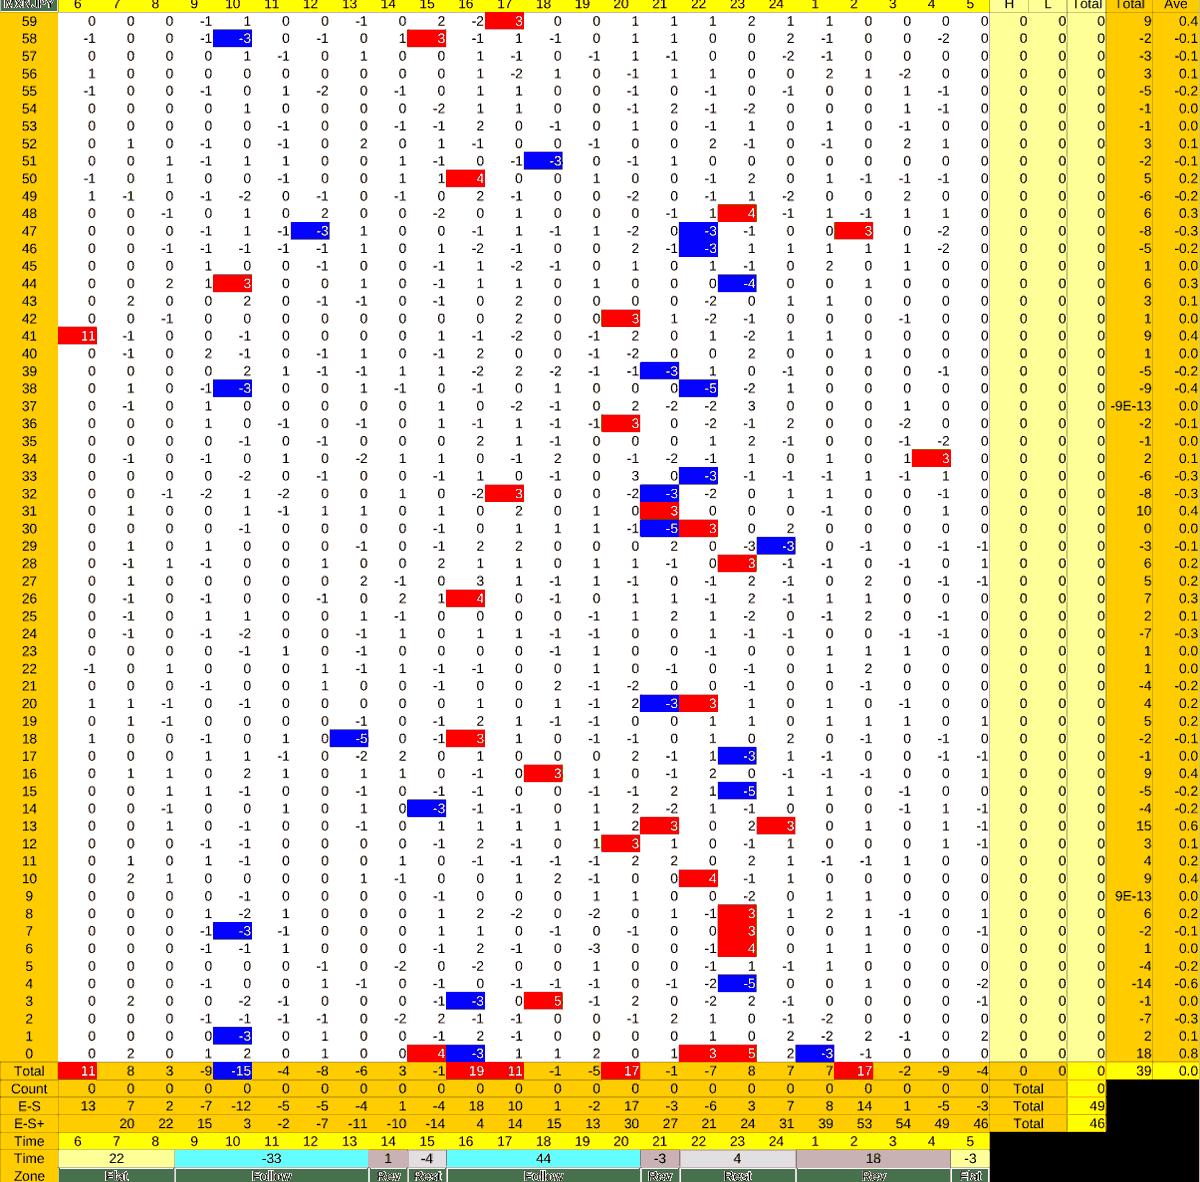 20211001_HS(3)MXNJPY-min